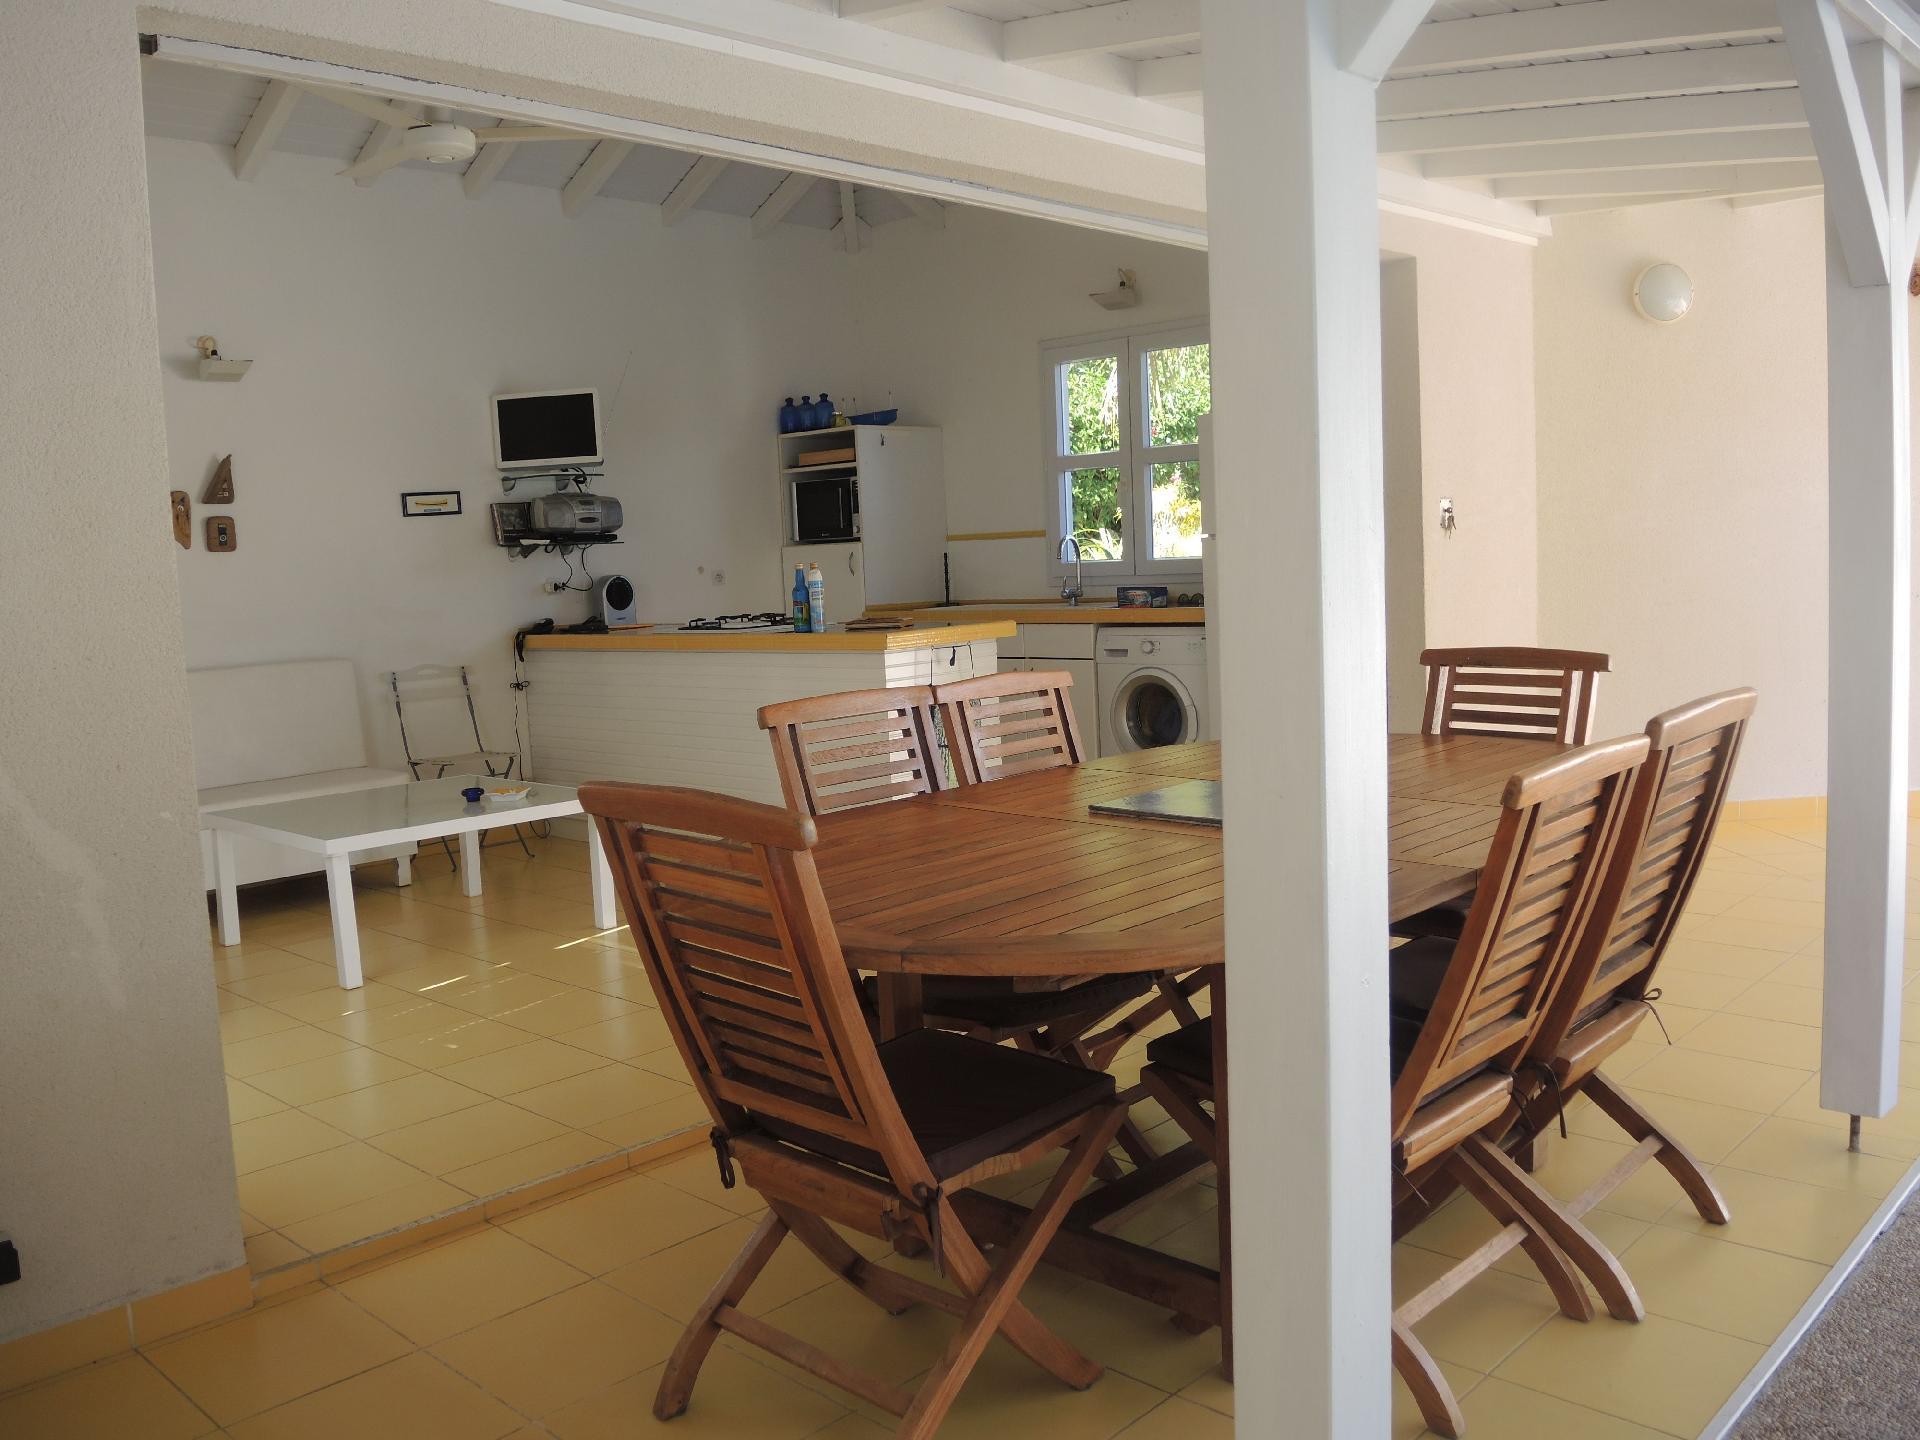 Ferienhaus für 6 Personen ca. 120 m² in   in Mittelamerika und Karibik